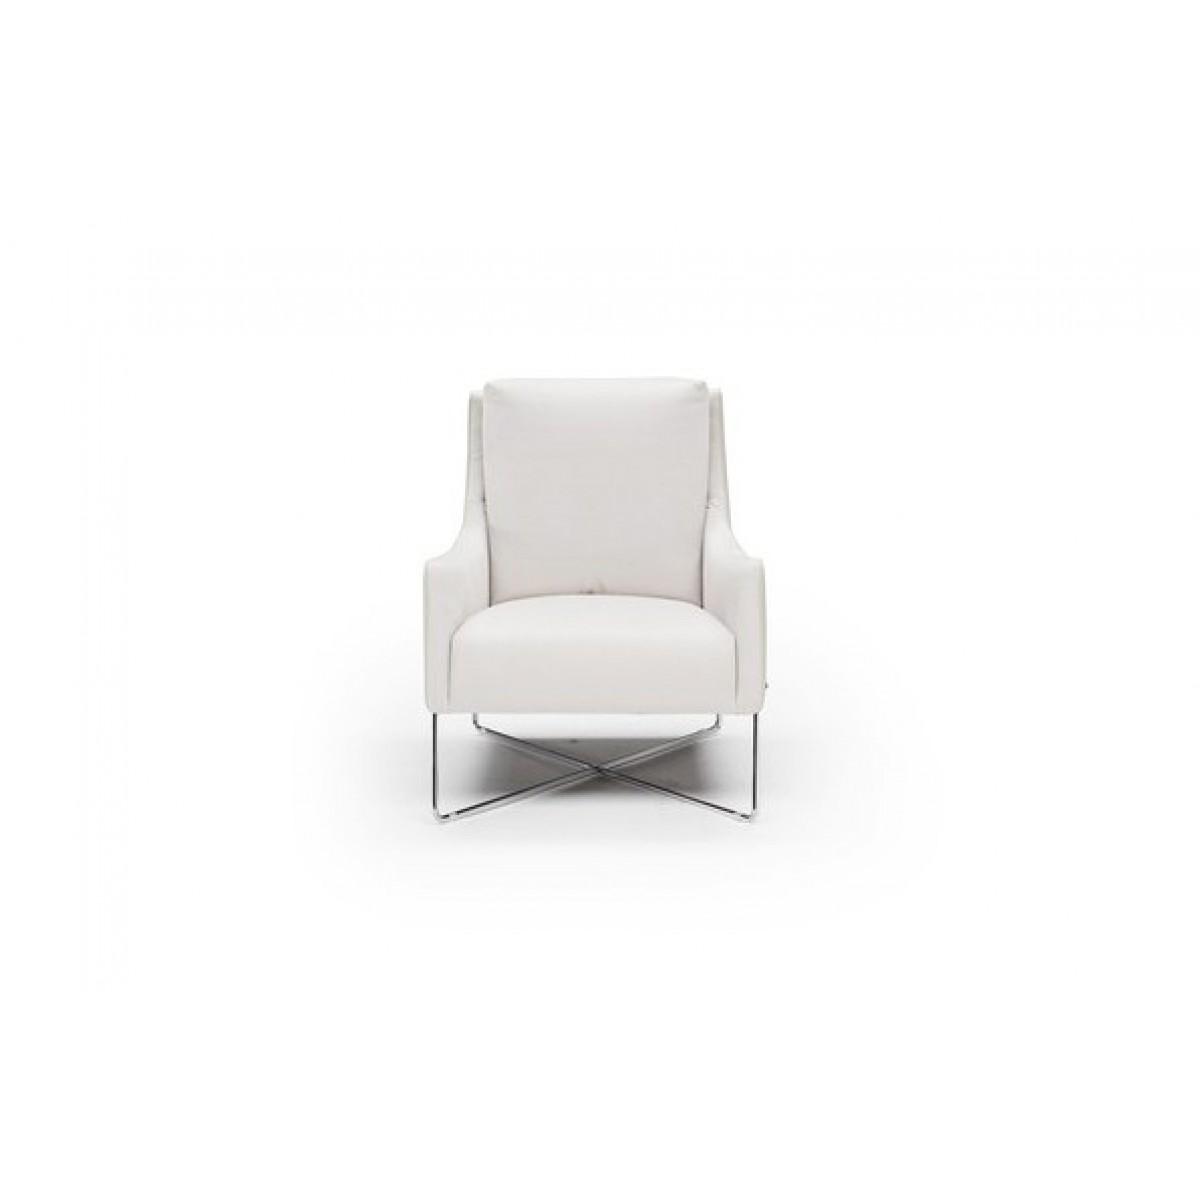 nouvelle arrivee d3d7e 30aa4 B903 fauteuil Natuzzi